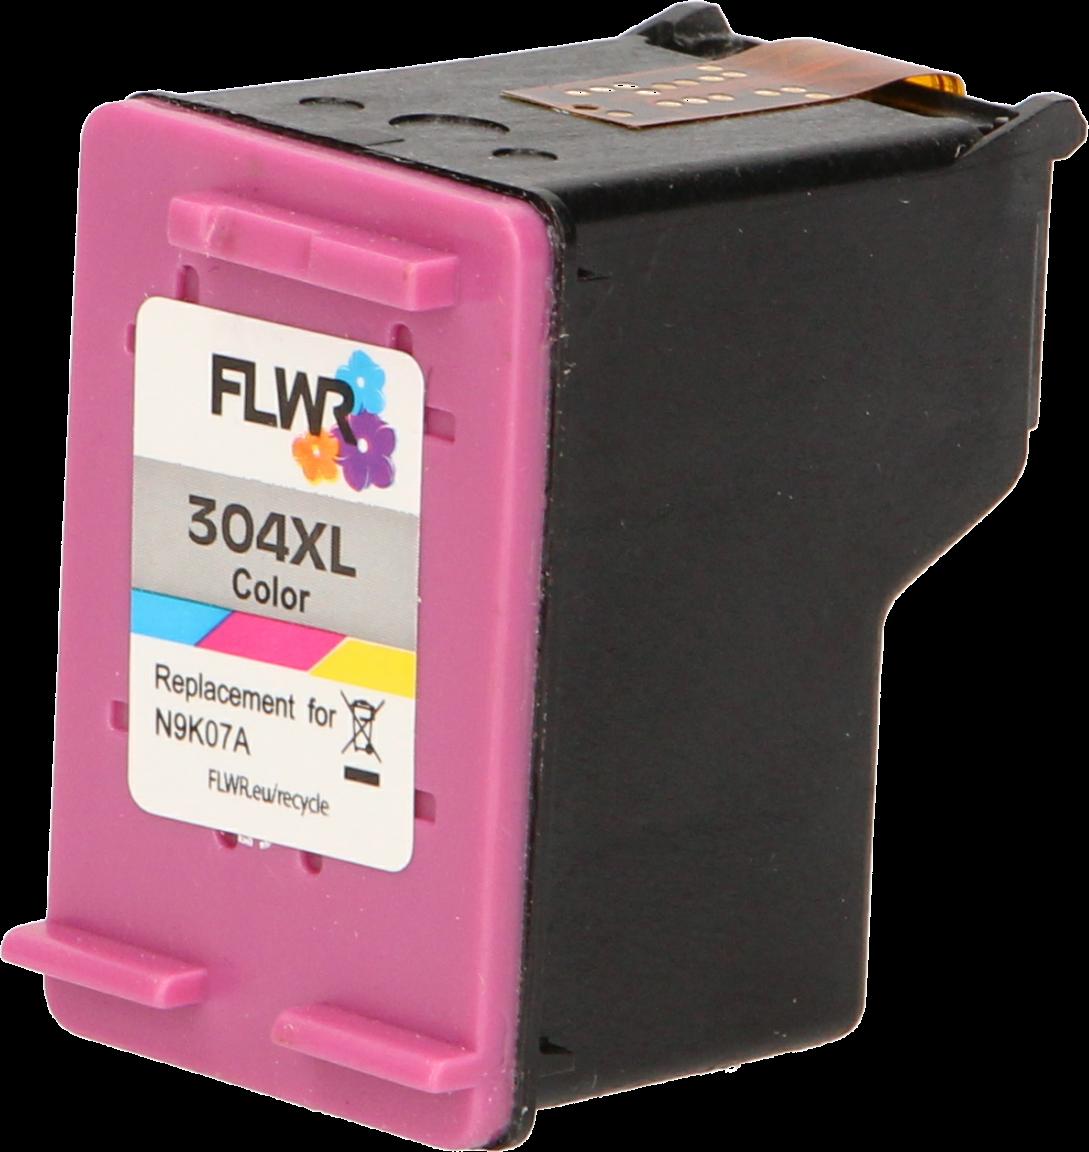 FLWR HP 304XL kleur